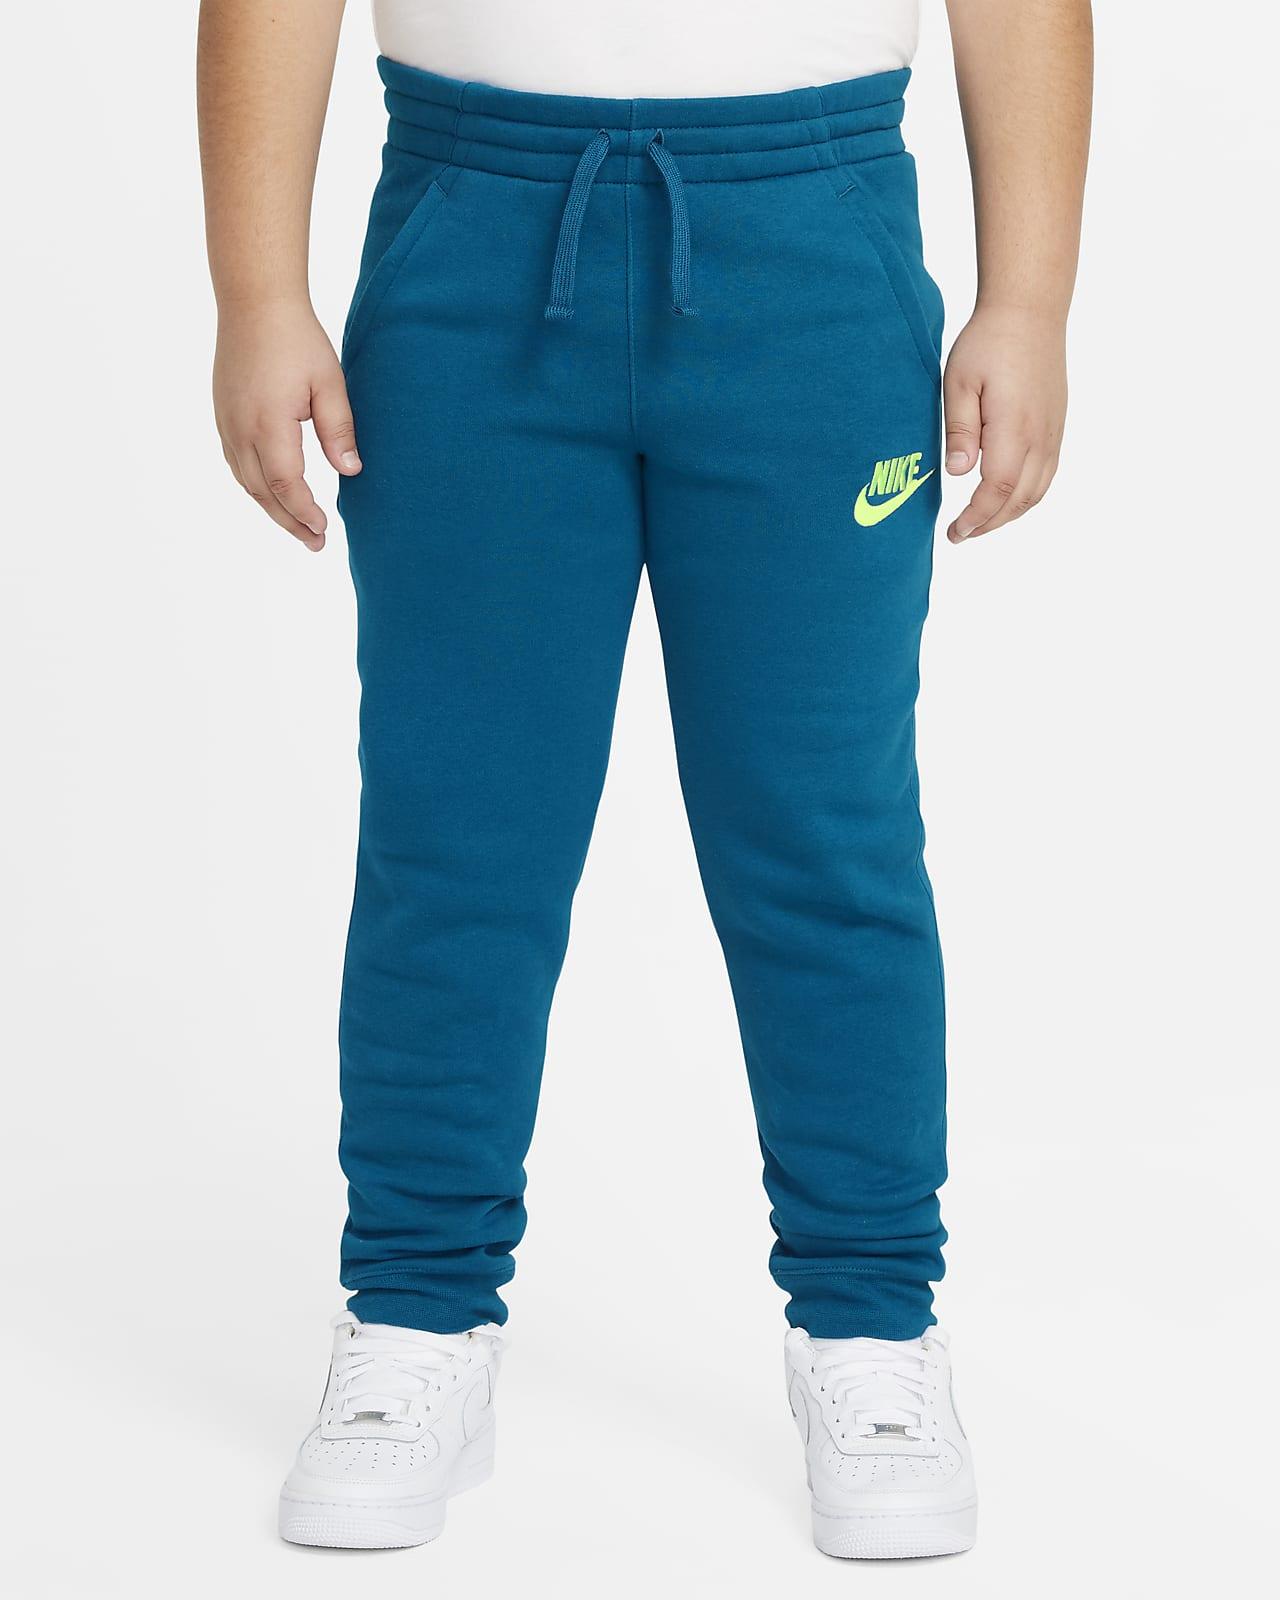 Nike Sportswear Club Fleece Big Kids' (Boys') Joggers (Extended Size)